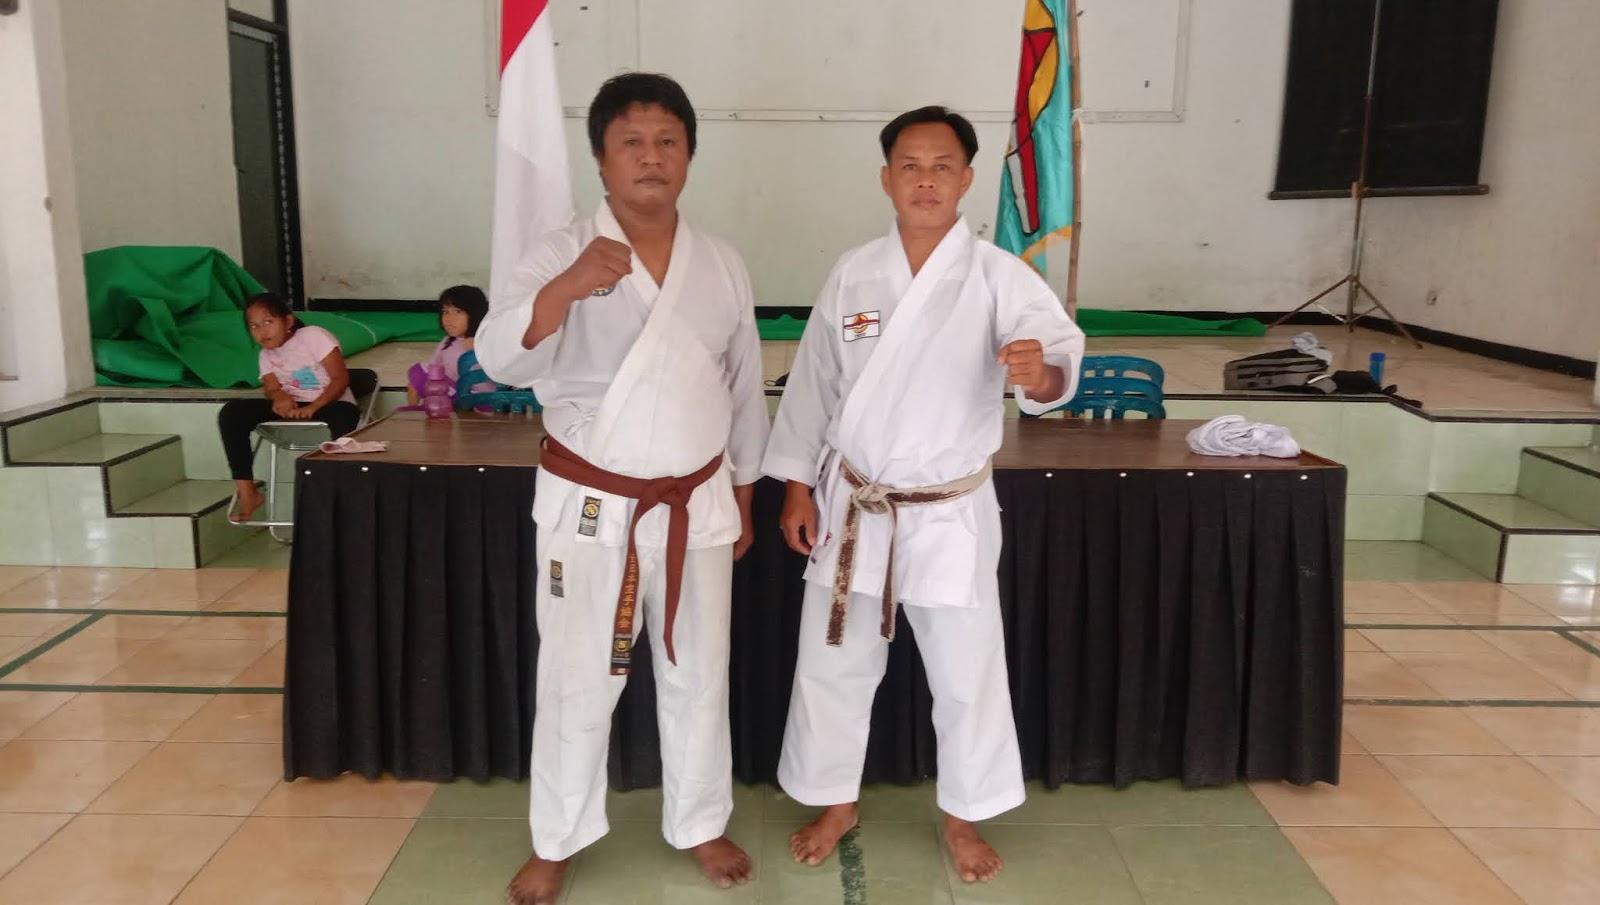 FKTI Kabupaten Purwakarta Lakukan Sosialisasi Karate Tradisional di Desa Campaka